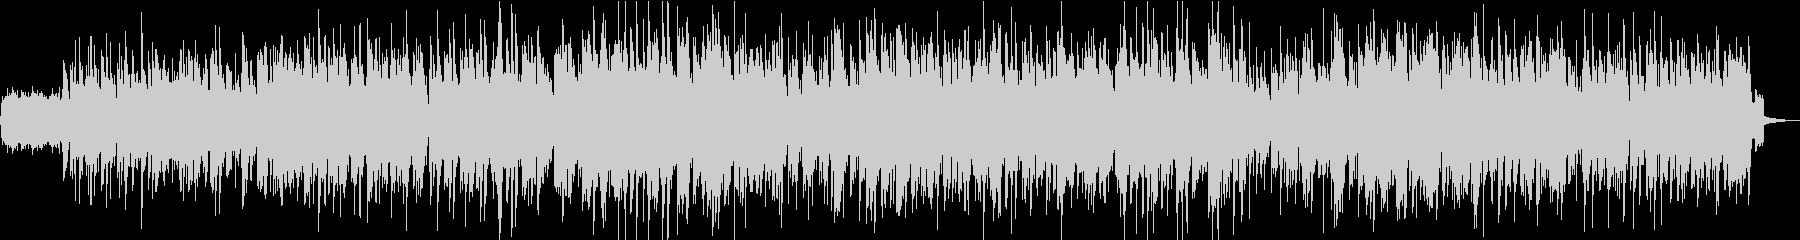 軽快で爽やかなピアノポップBGM/映像にの未再生の波形